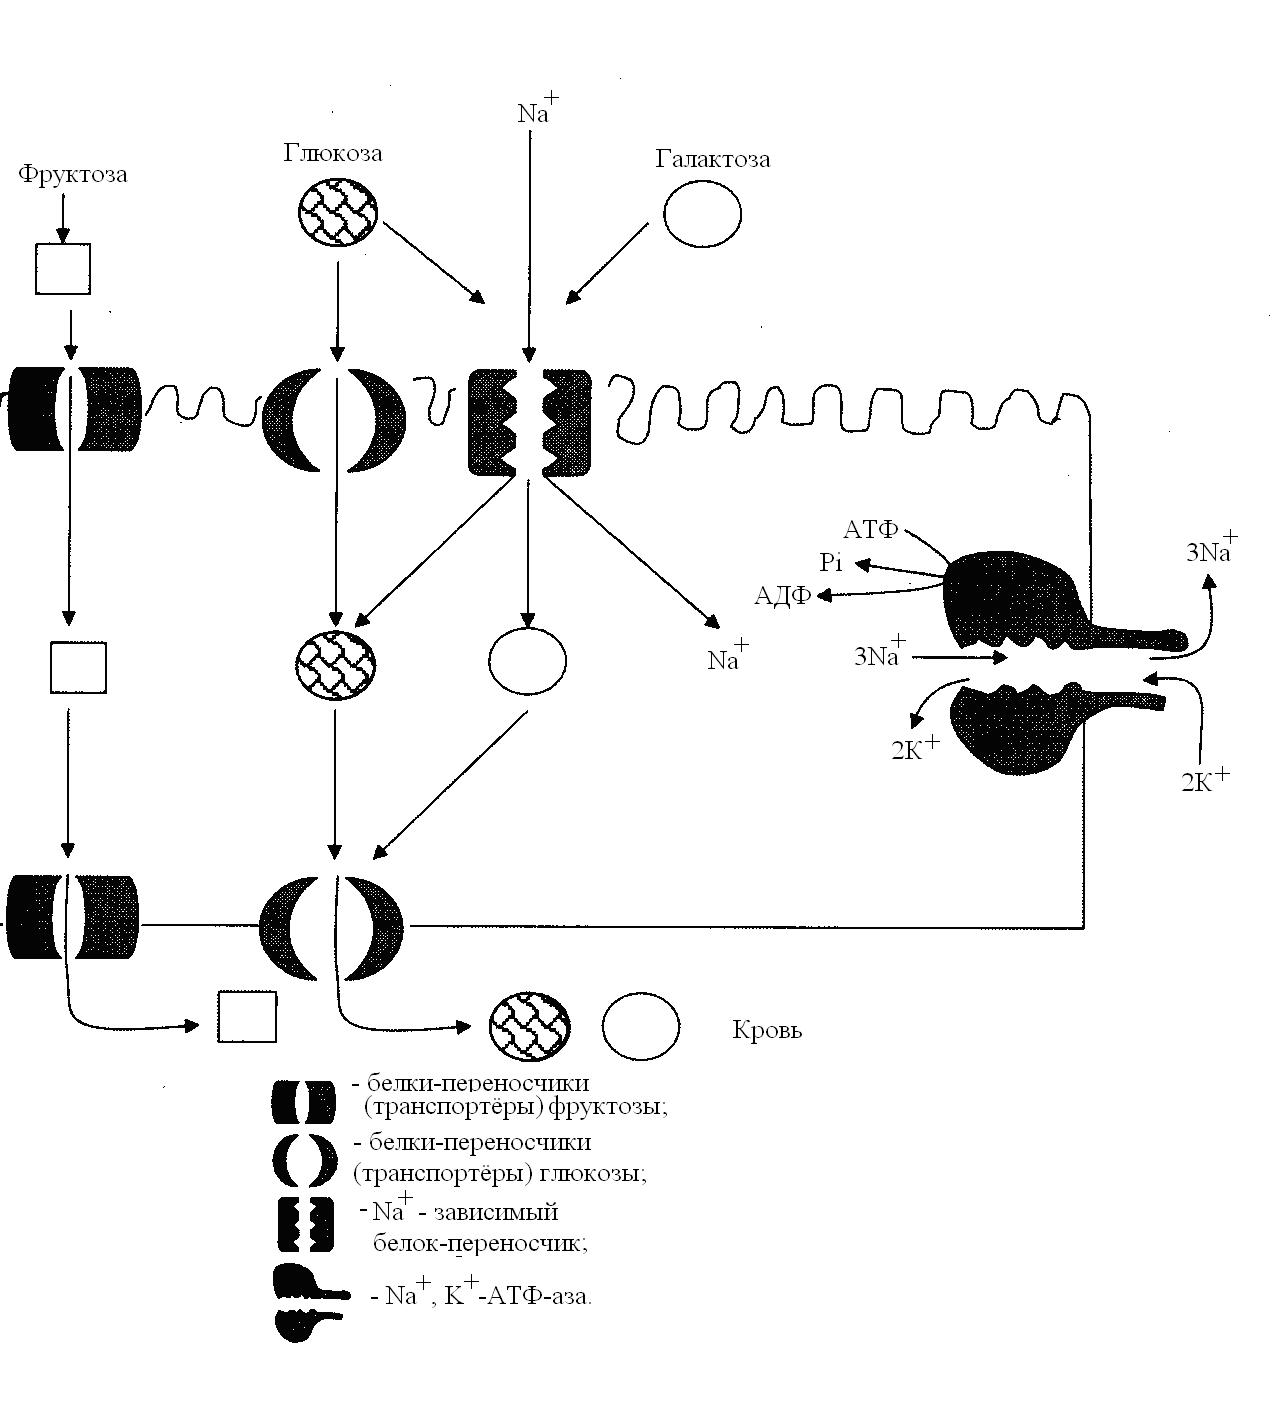 Транспортер глюкозы в клетке инструкция эксплуатации фольксваген транспортер т4